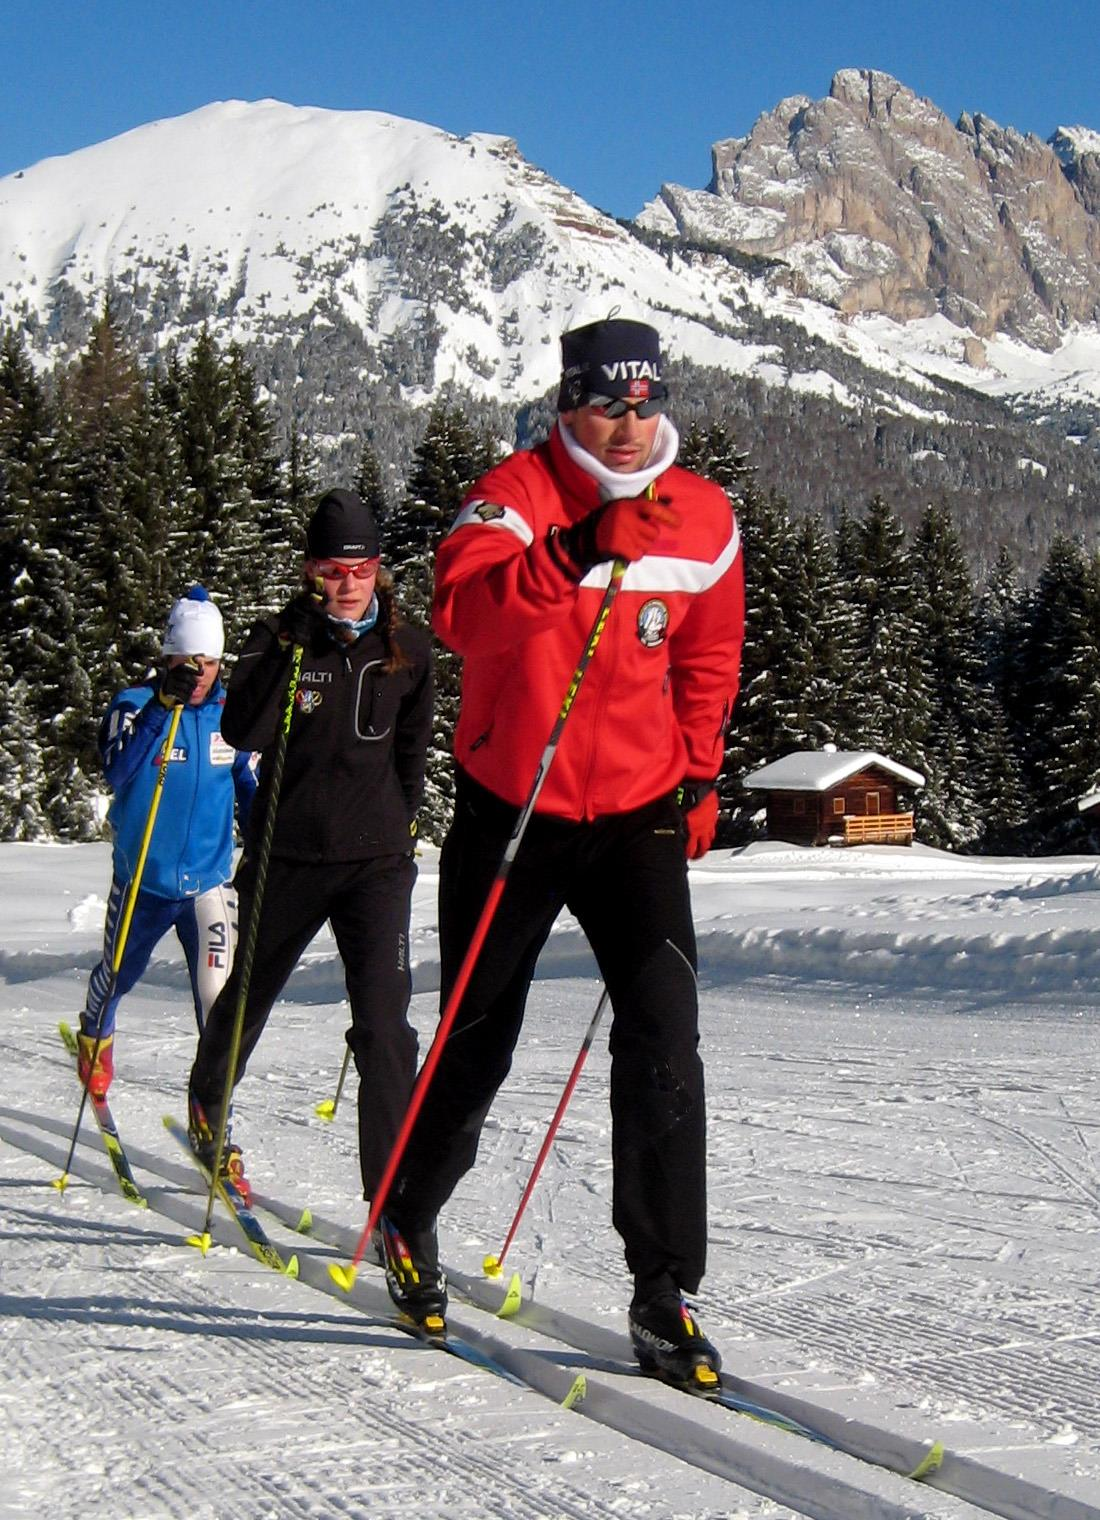 Ski instructor